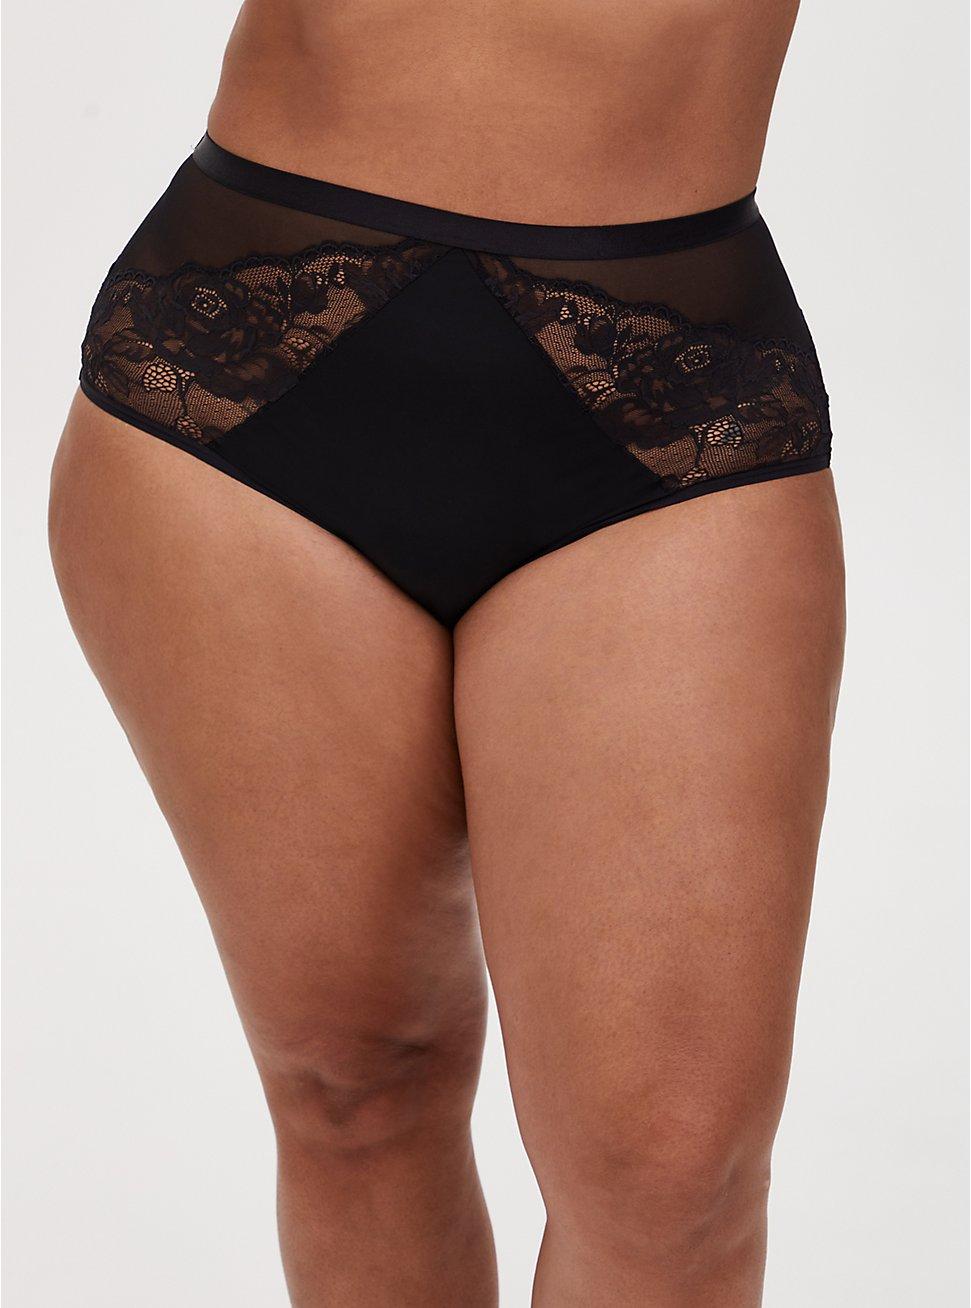 Black Mesh & Lace High Waist Panty , VINTAGE VIOLET, hi-res